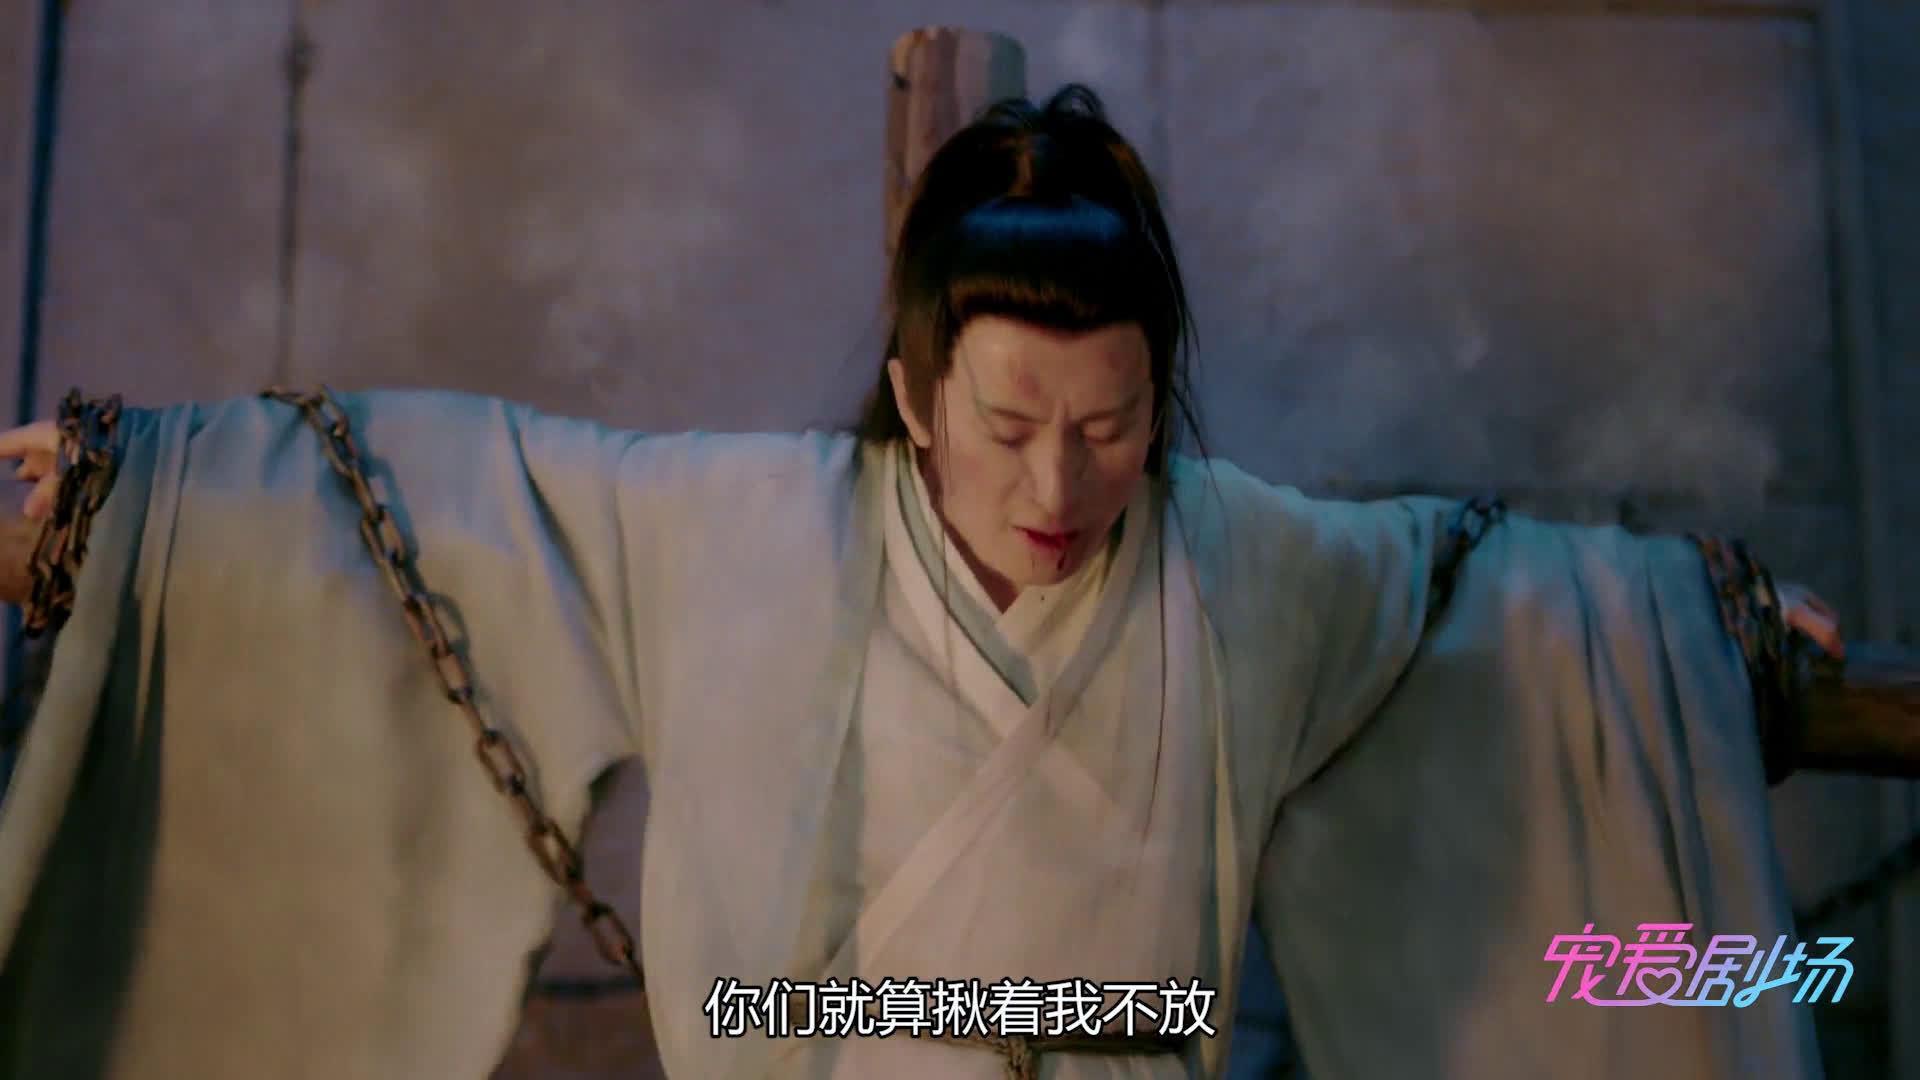 电视剧琉璃 第21-22集新预告:我要带昊辰师兄去爬山